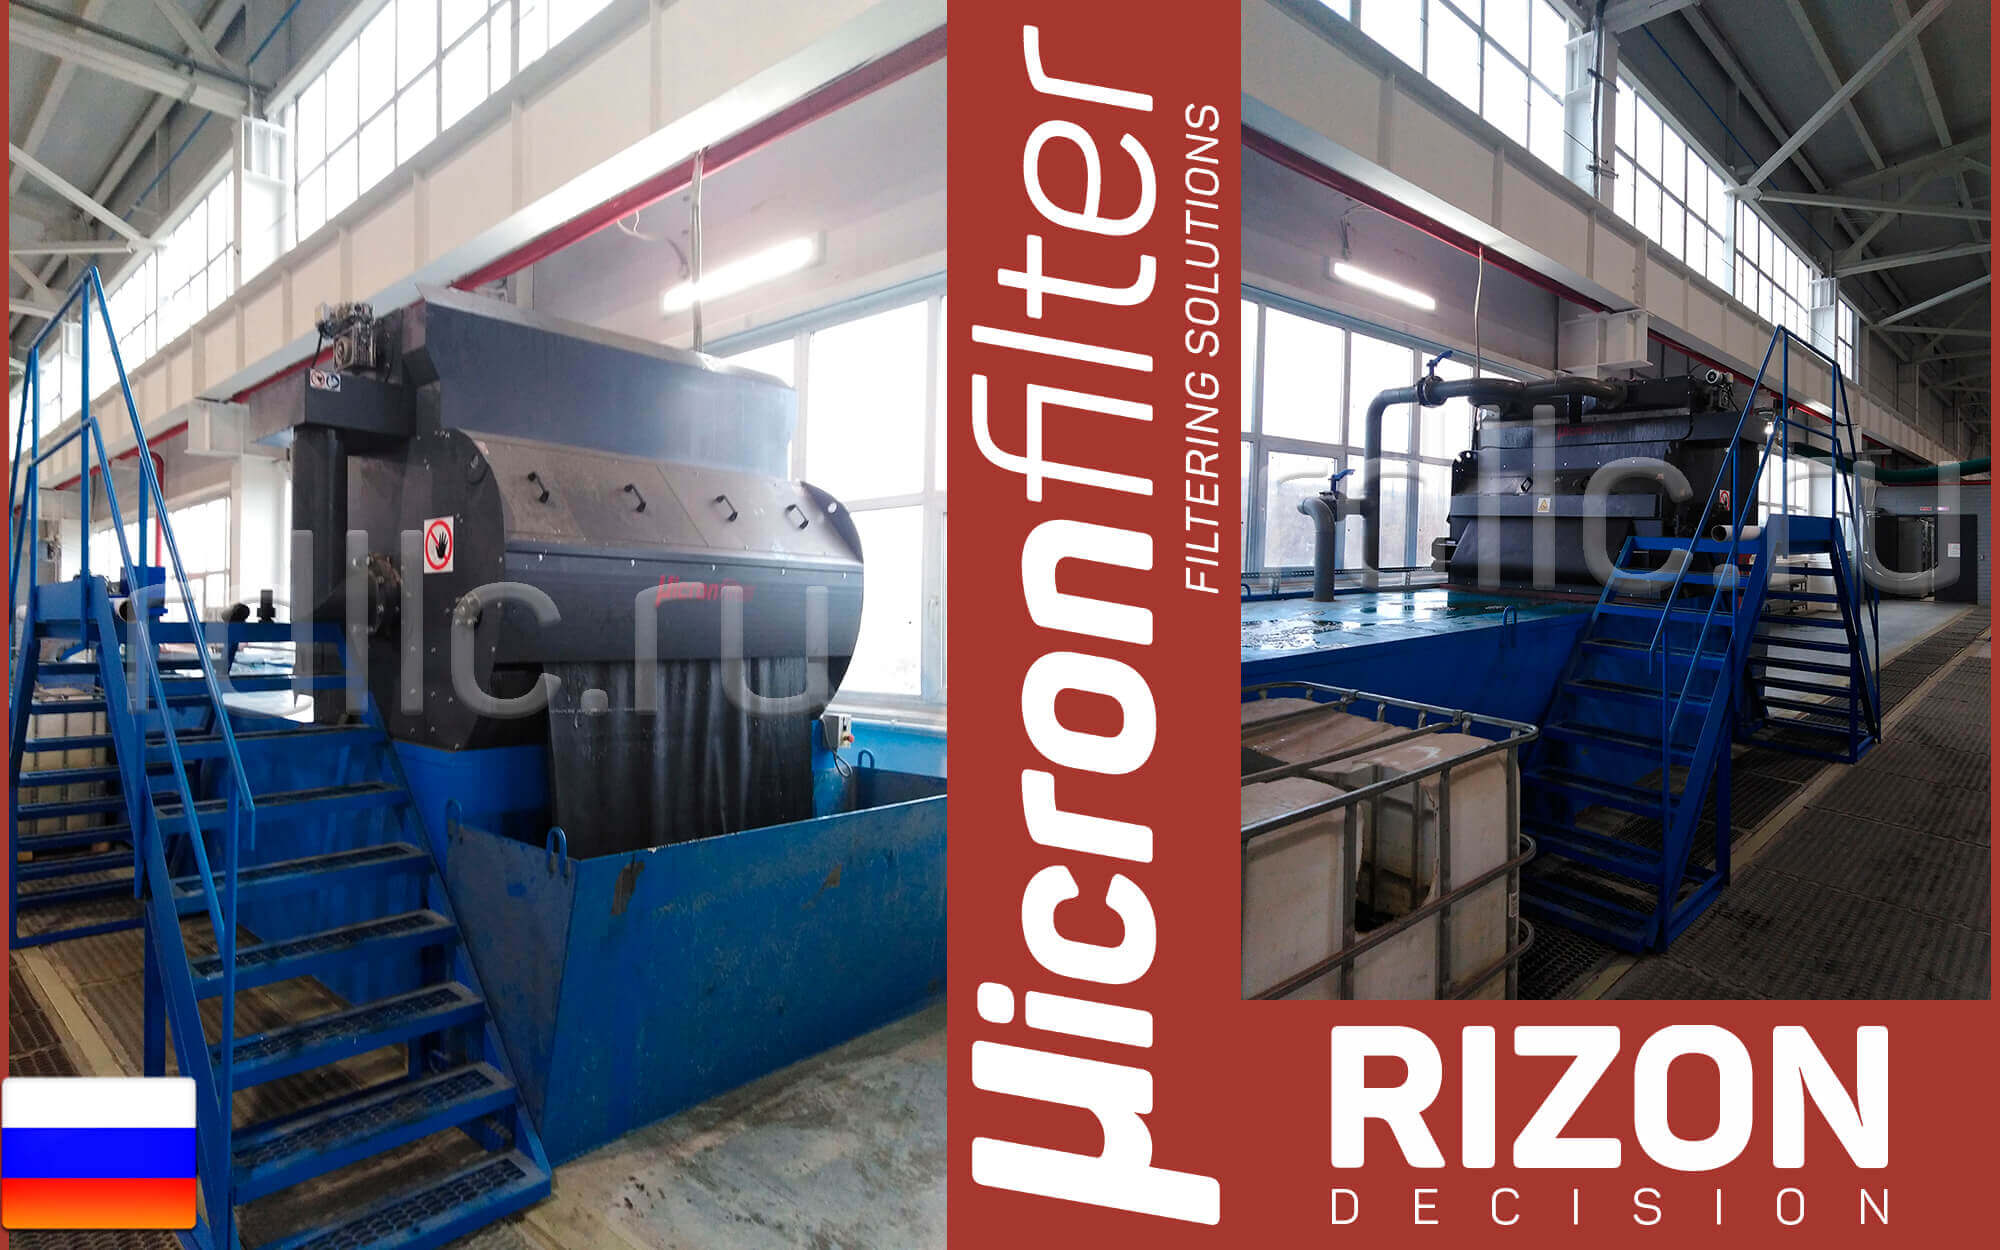 Централизованная система очистки СОЖ при производстве колтюбинговых труб